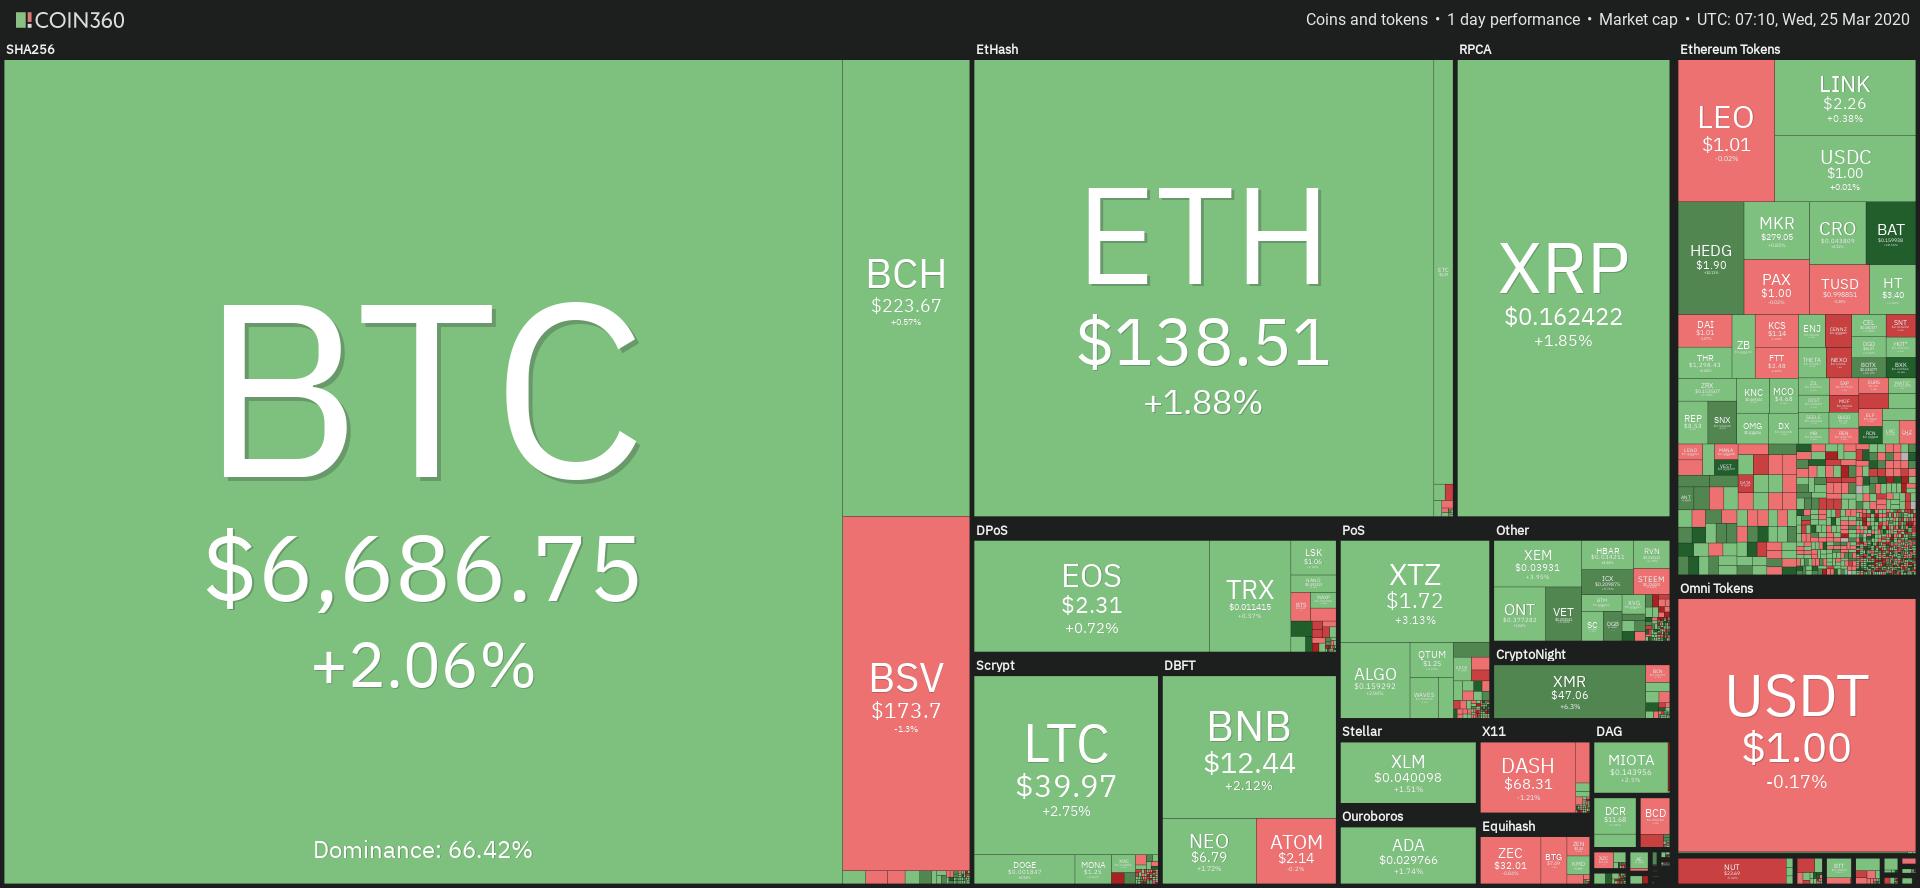 Kolor zielony dominuje na rynku kryptowalut. Źródło: Coin360.com